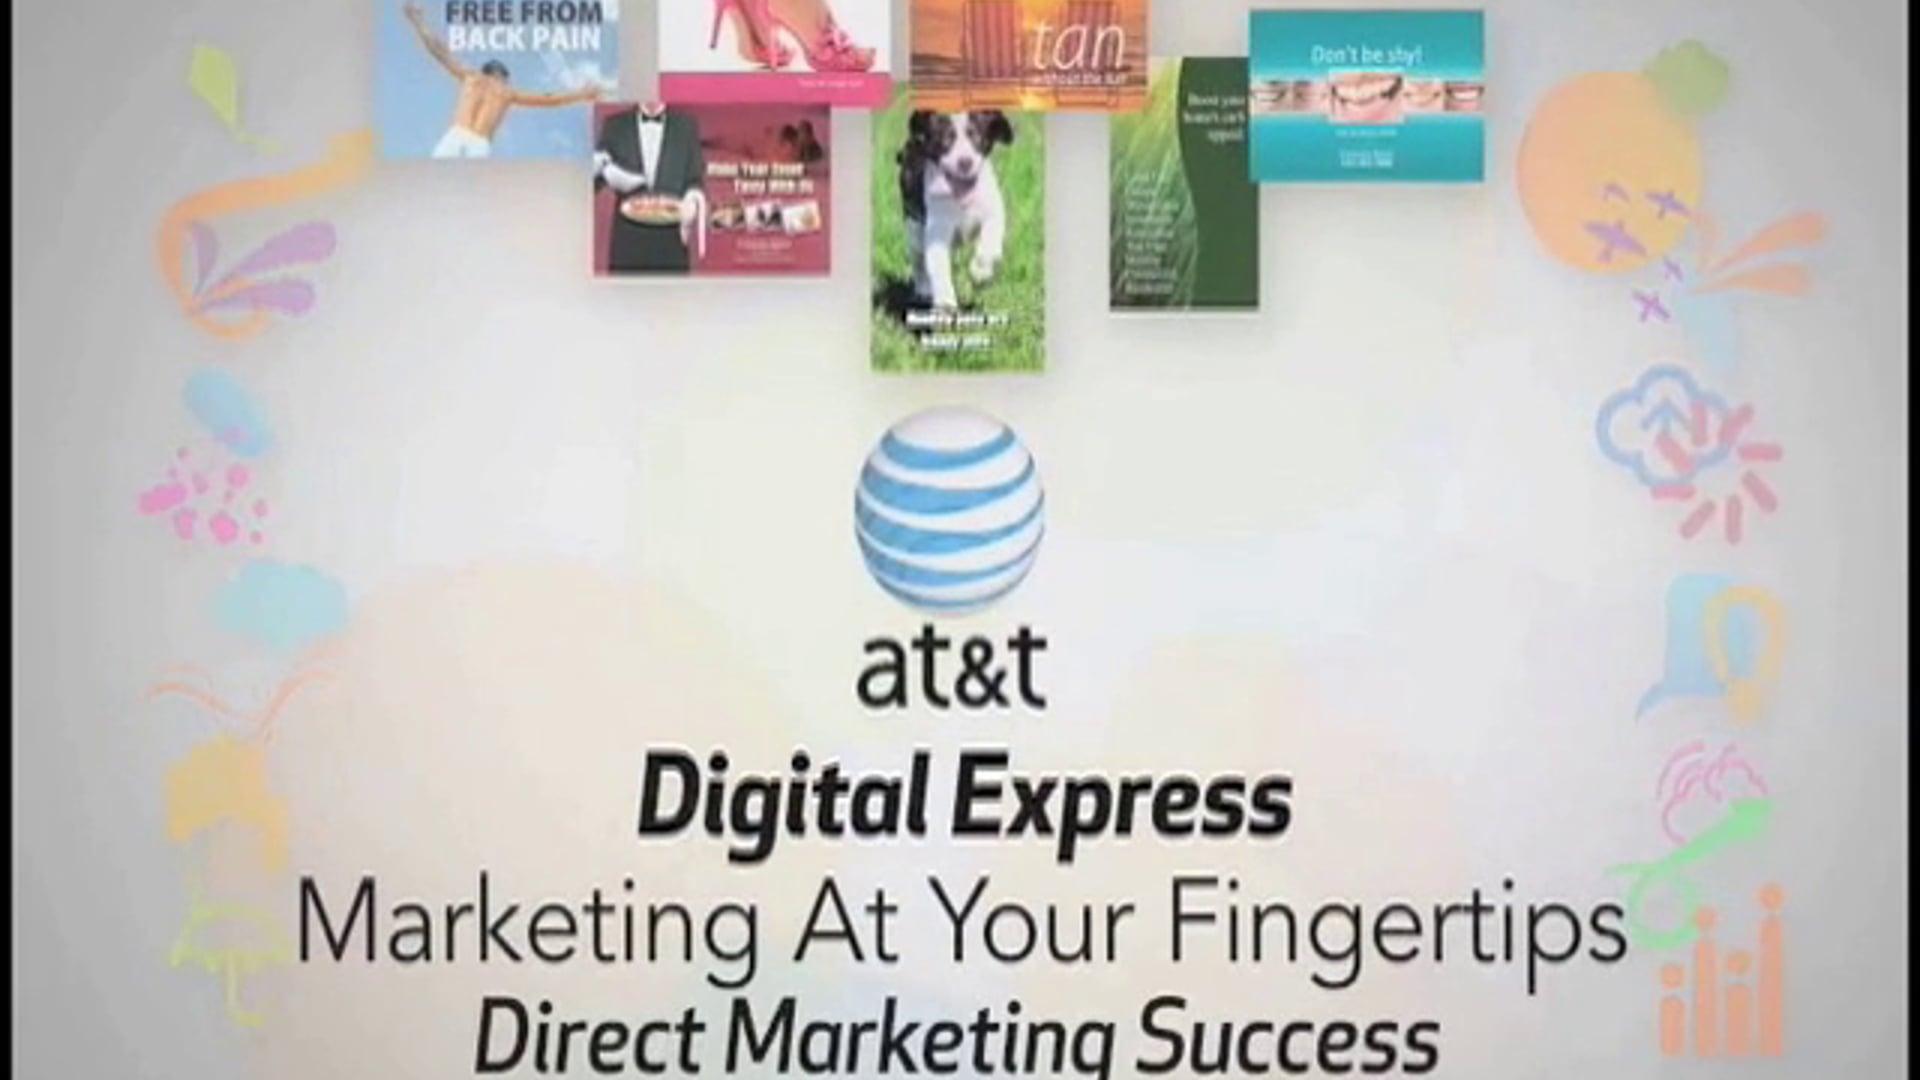 AT&T Digital Express